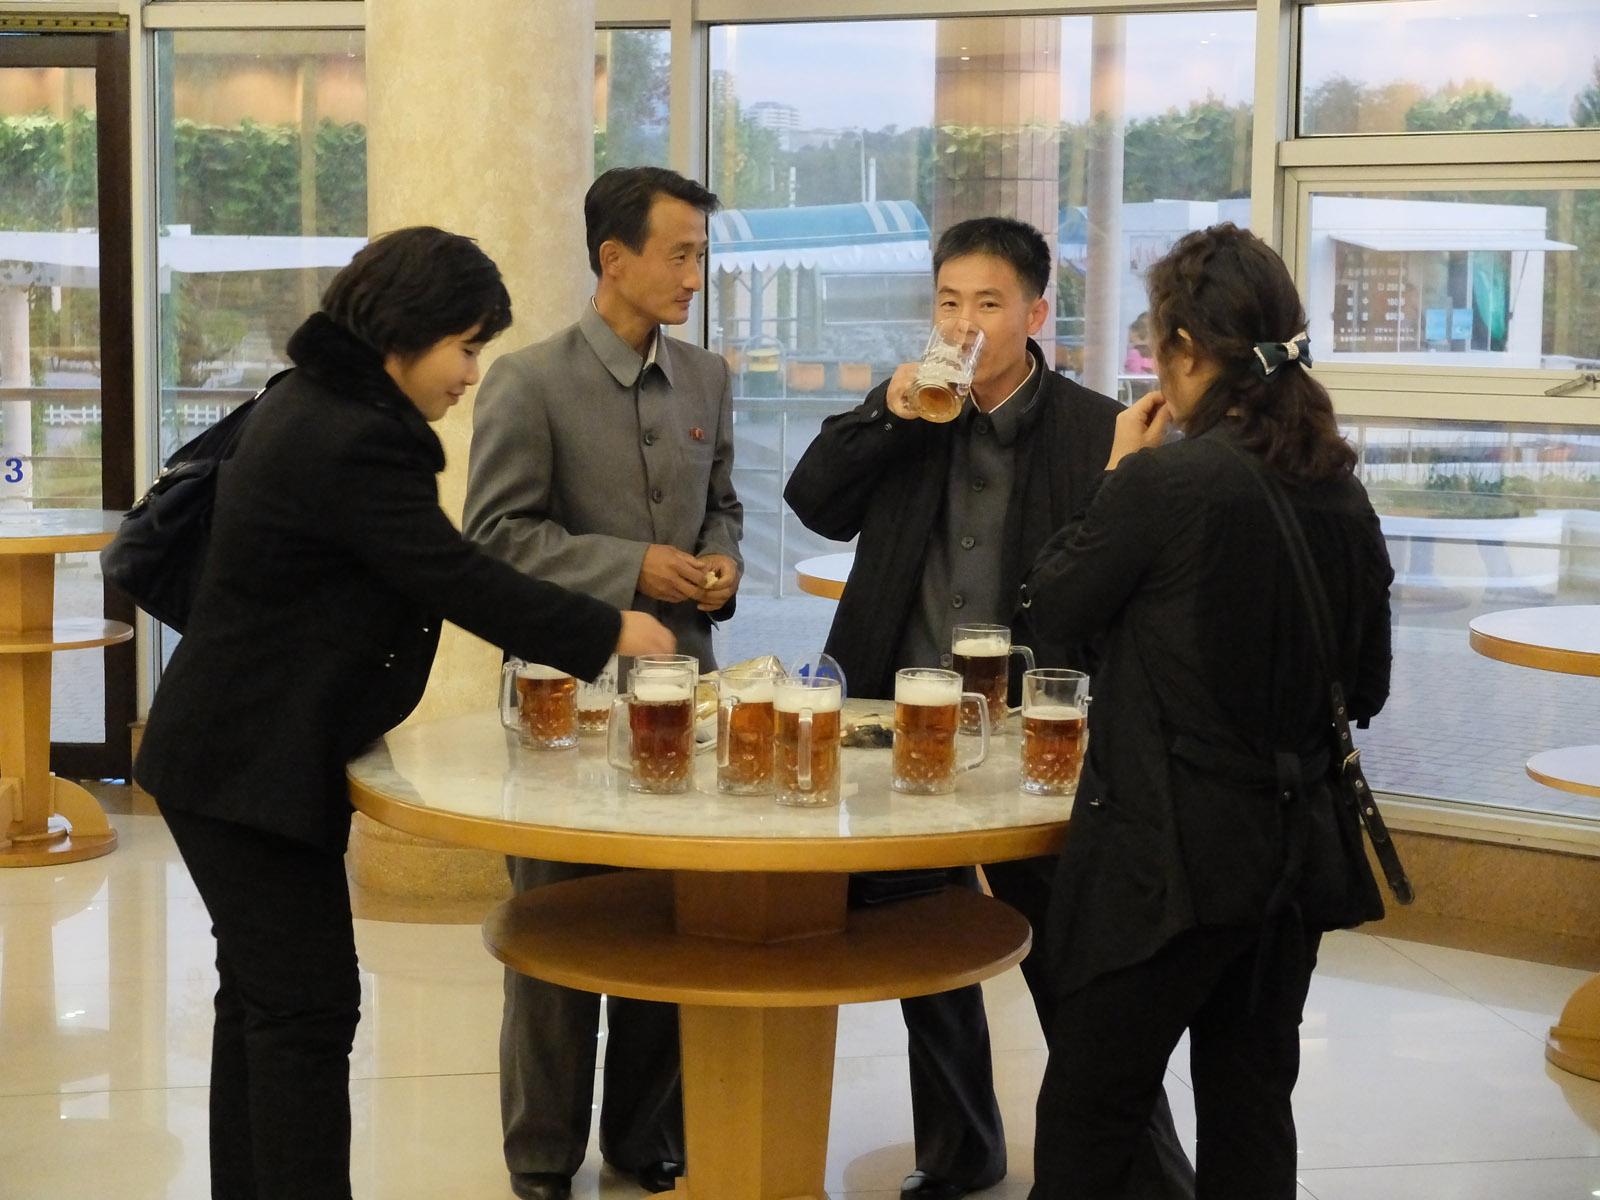 Пивной бар Пхеньяне. Фото: Munchies